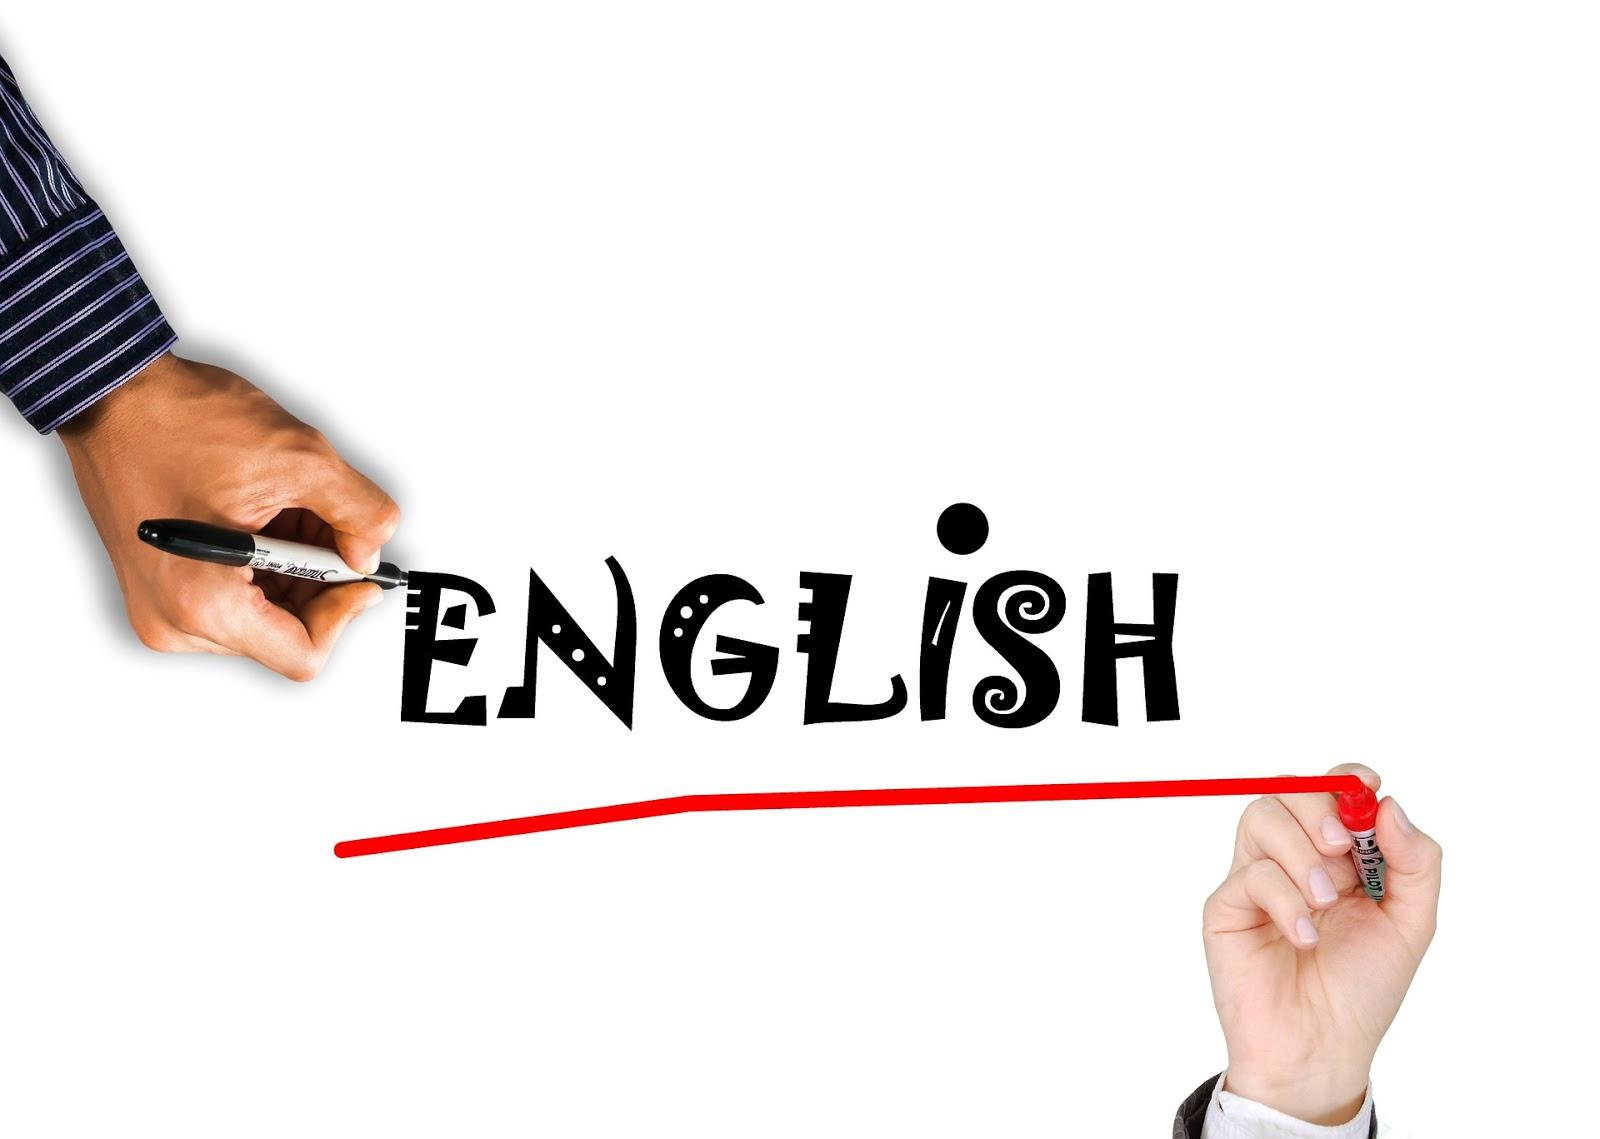 أهم 7 نصائح رئيسية لتعلم اللغة الإنجليزية من المنزل